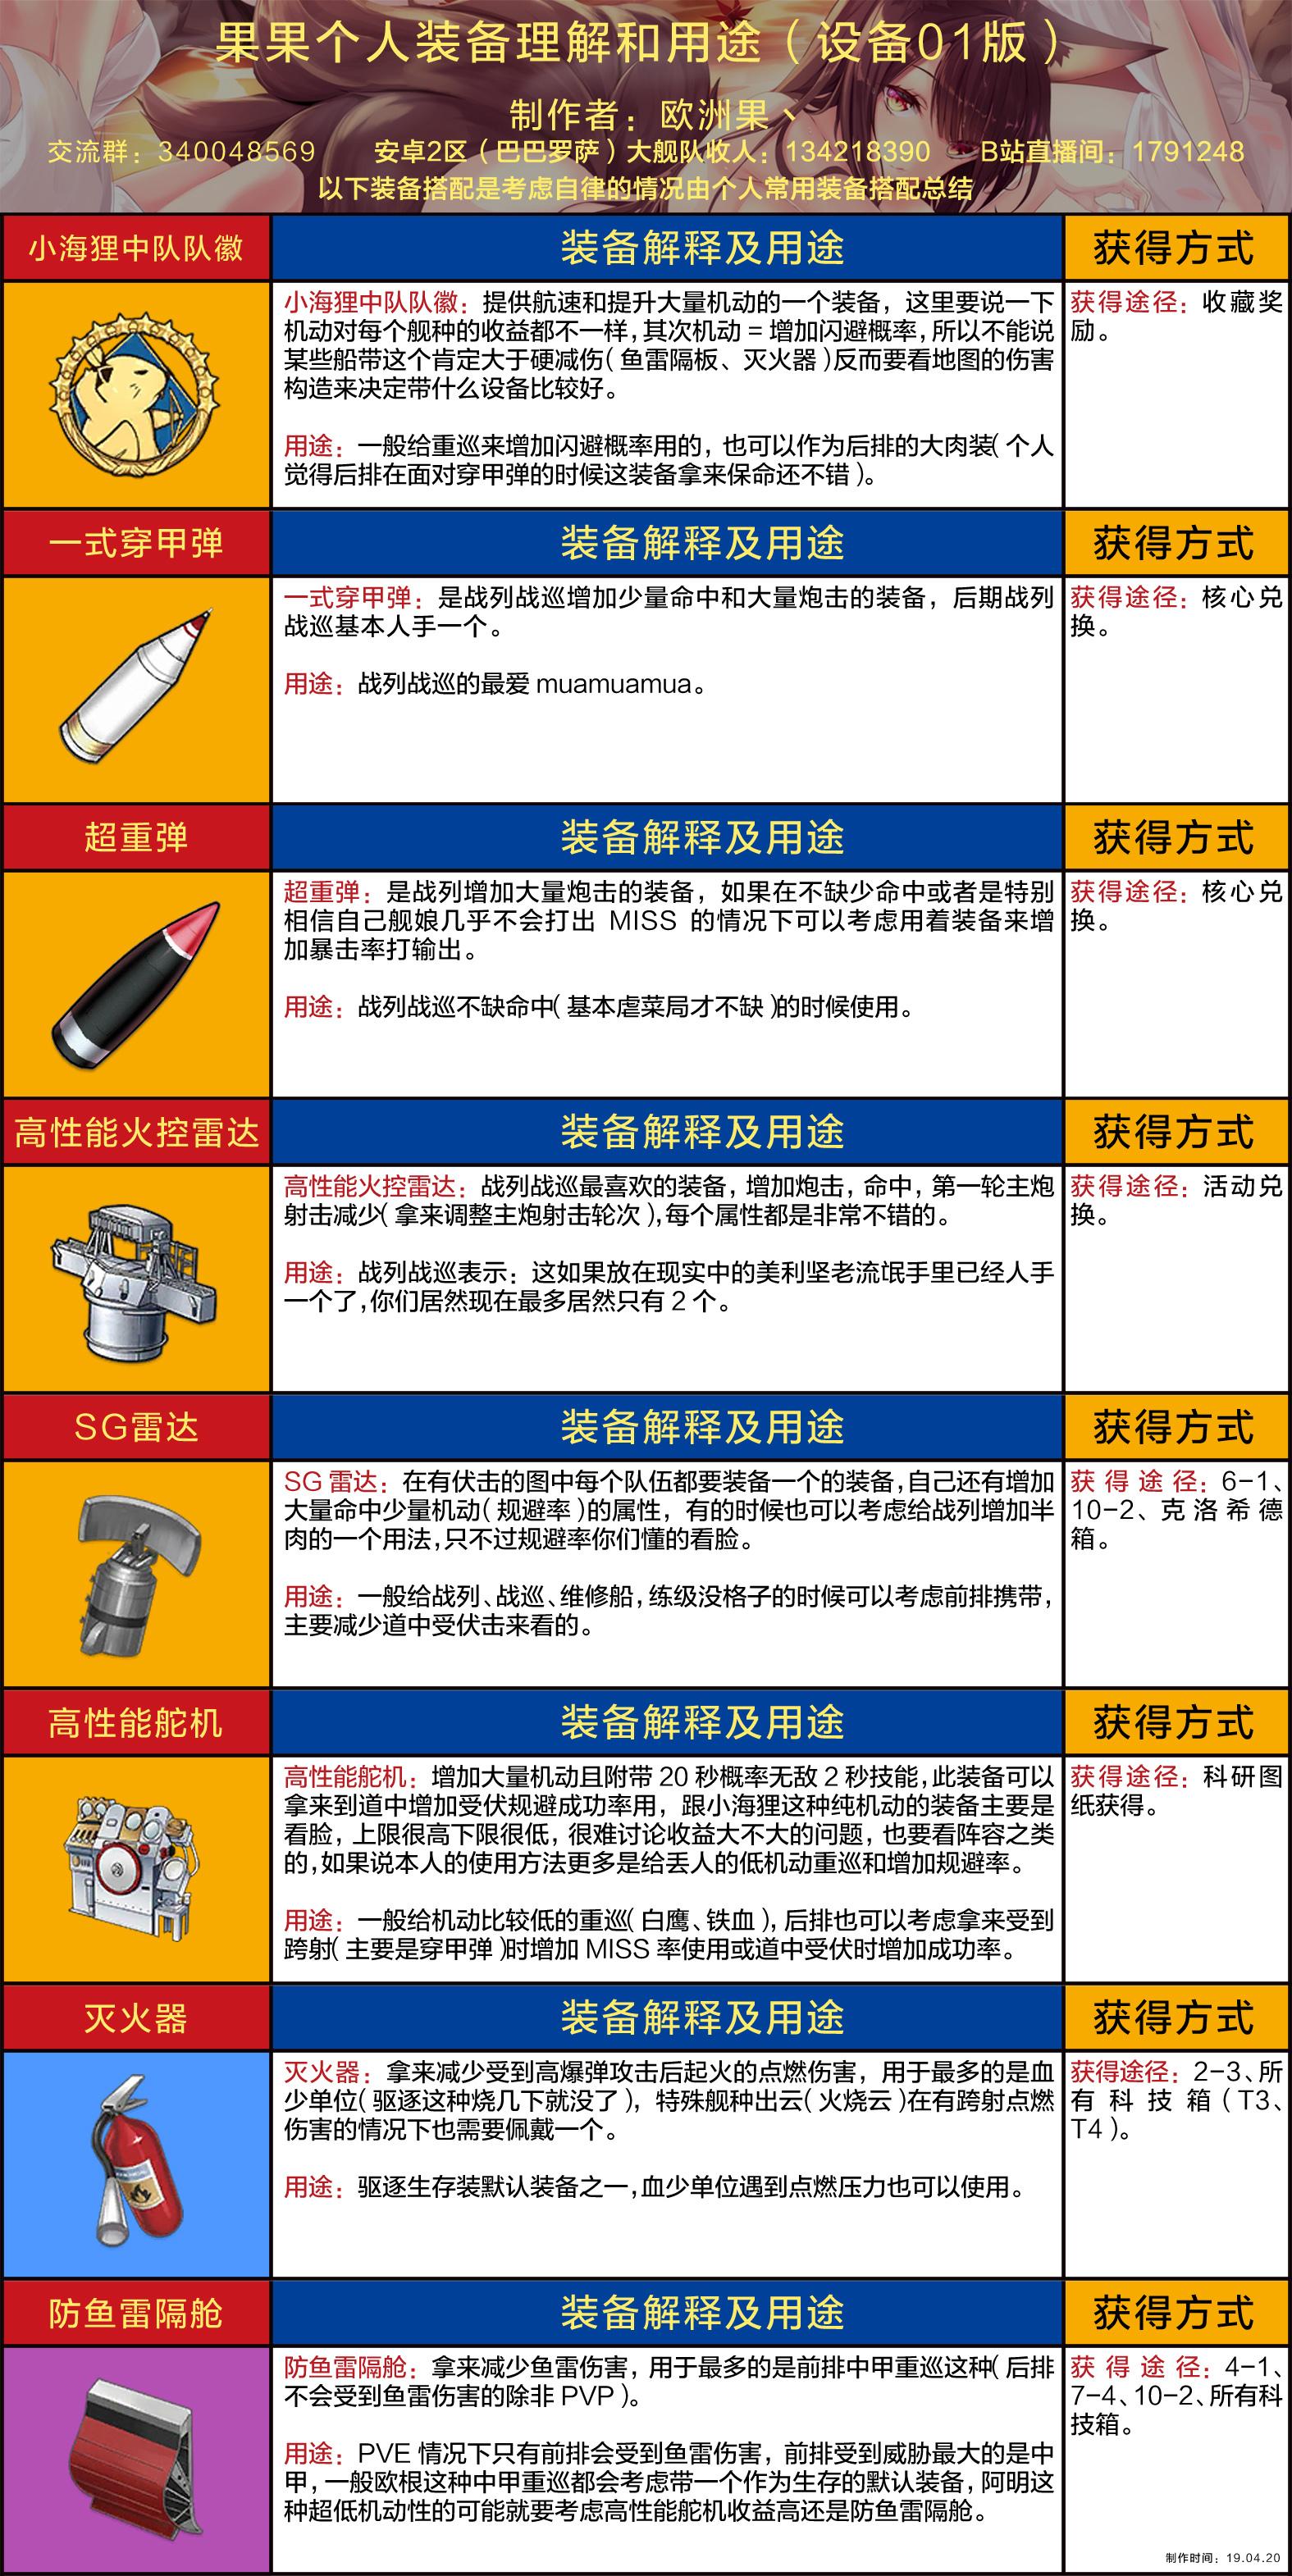 果果个人装备理解和用途(设备01版wiki).jpg